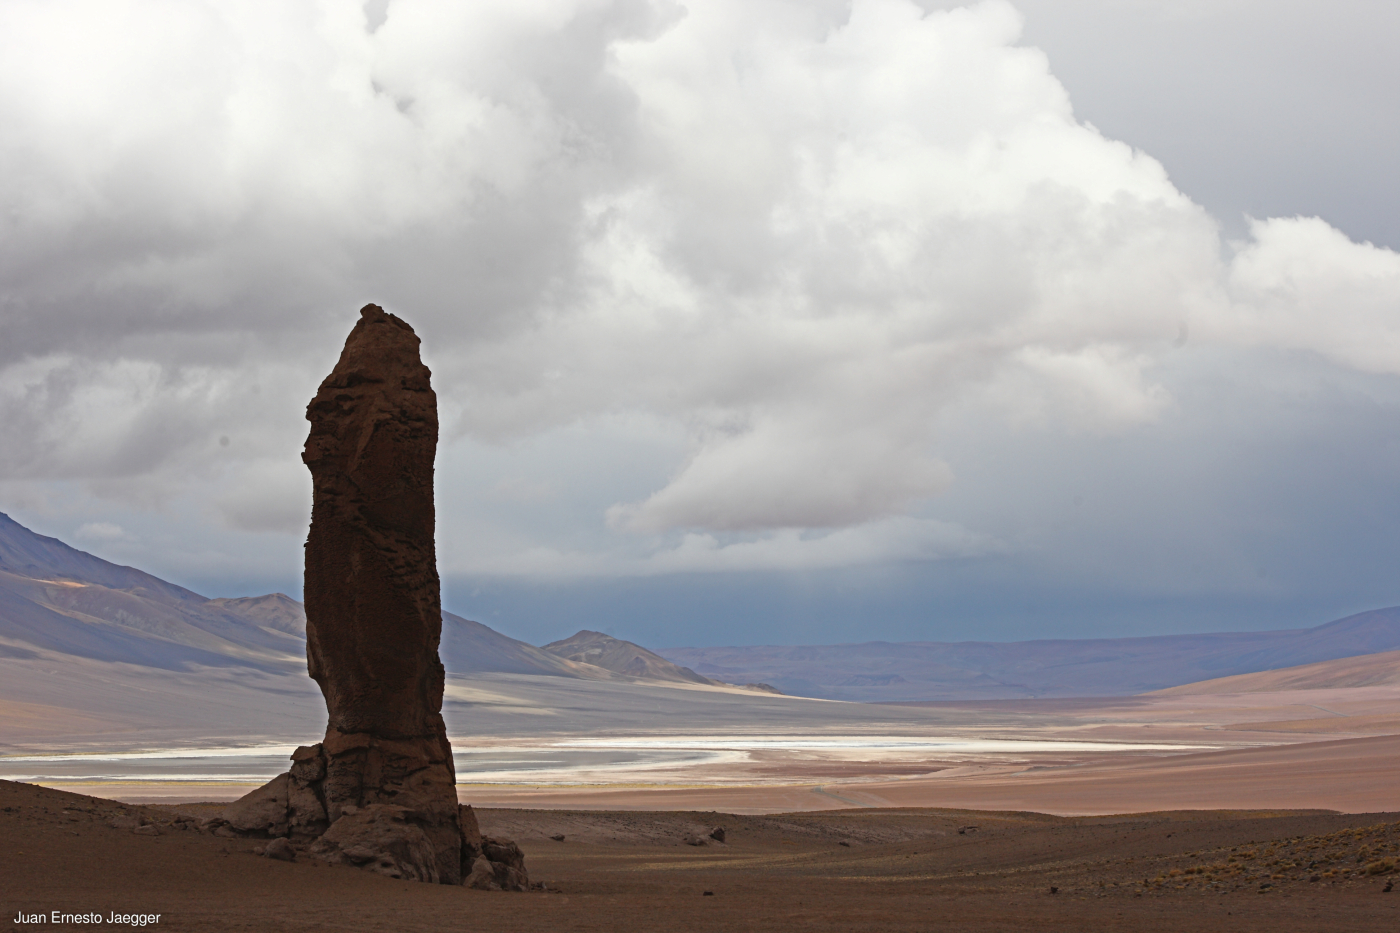 Imagen de la formación rocosa denominada Monjes de la Pacana que destaca en medio del Desierto de Atacama